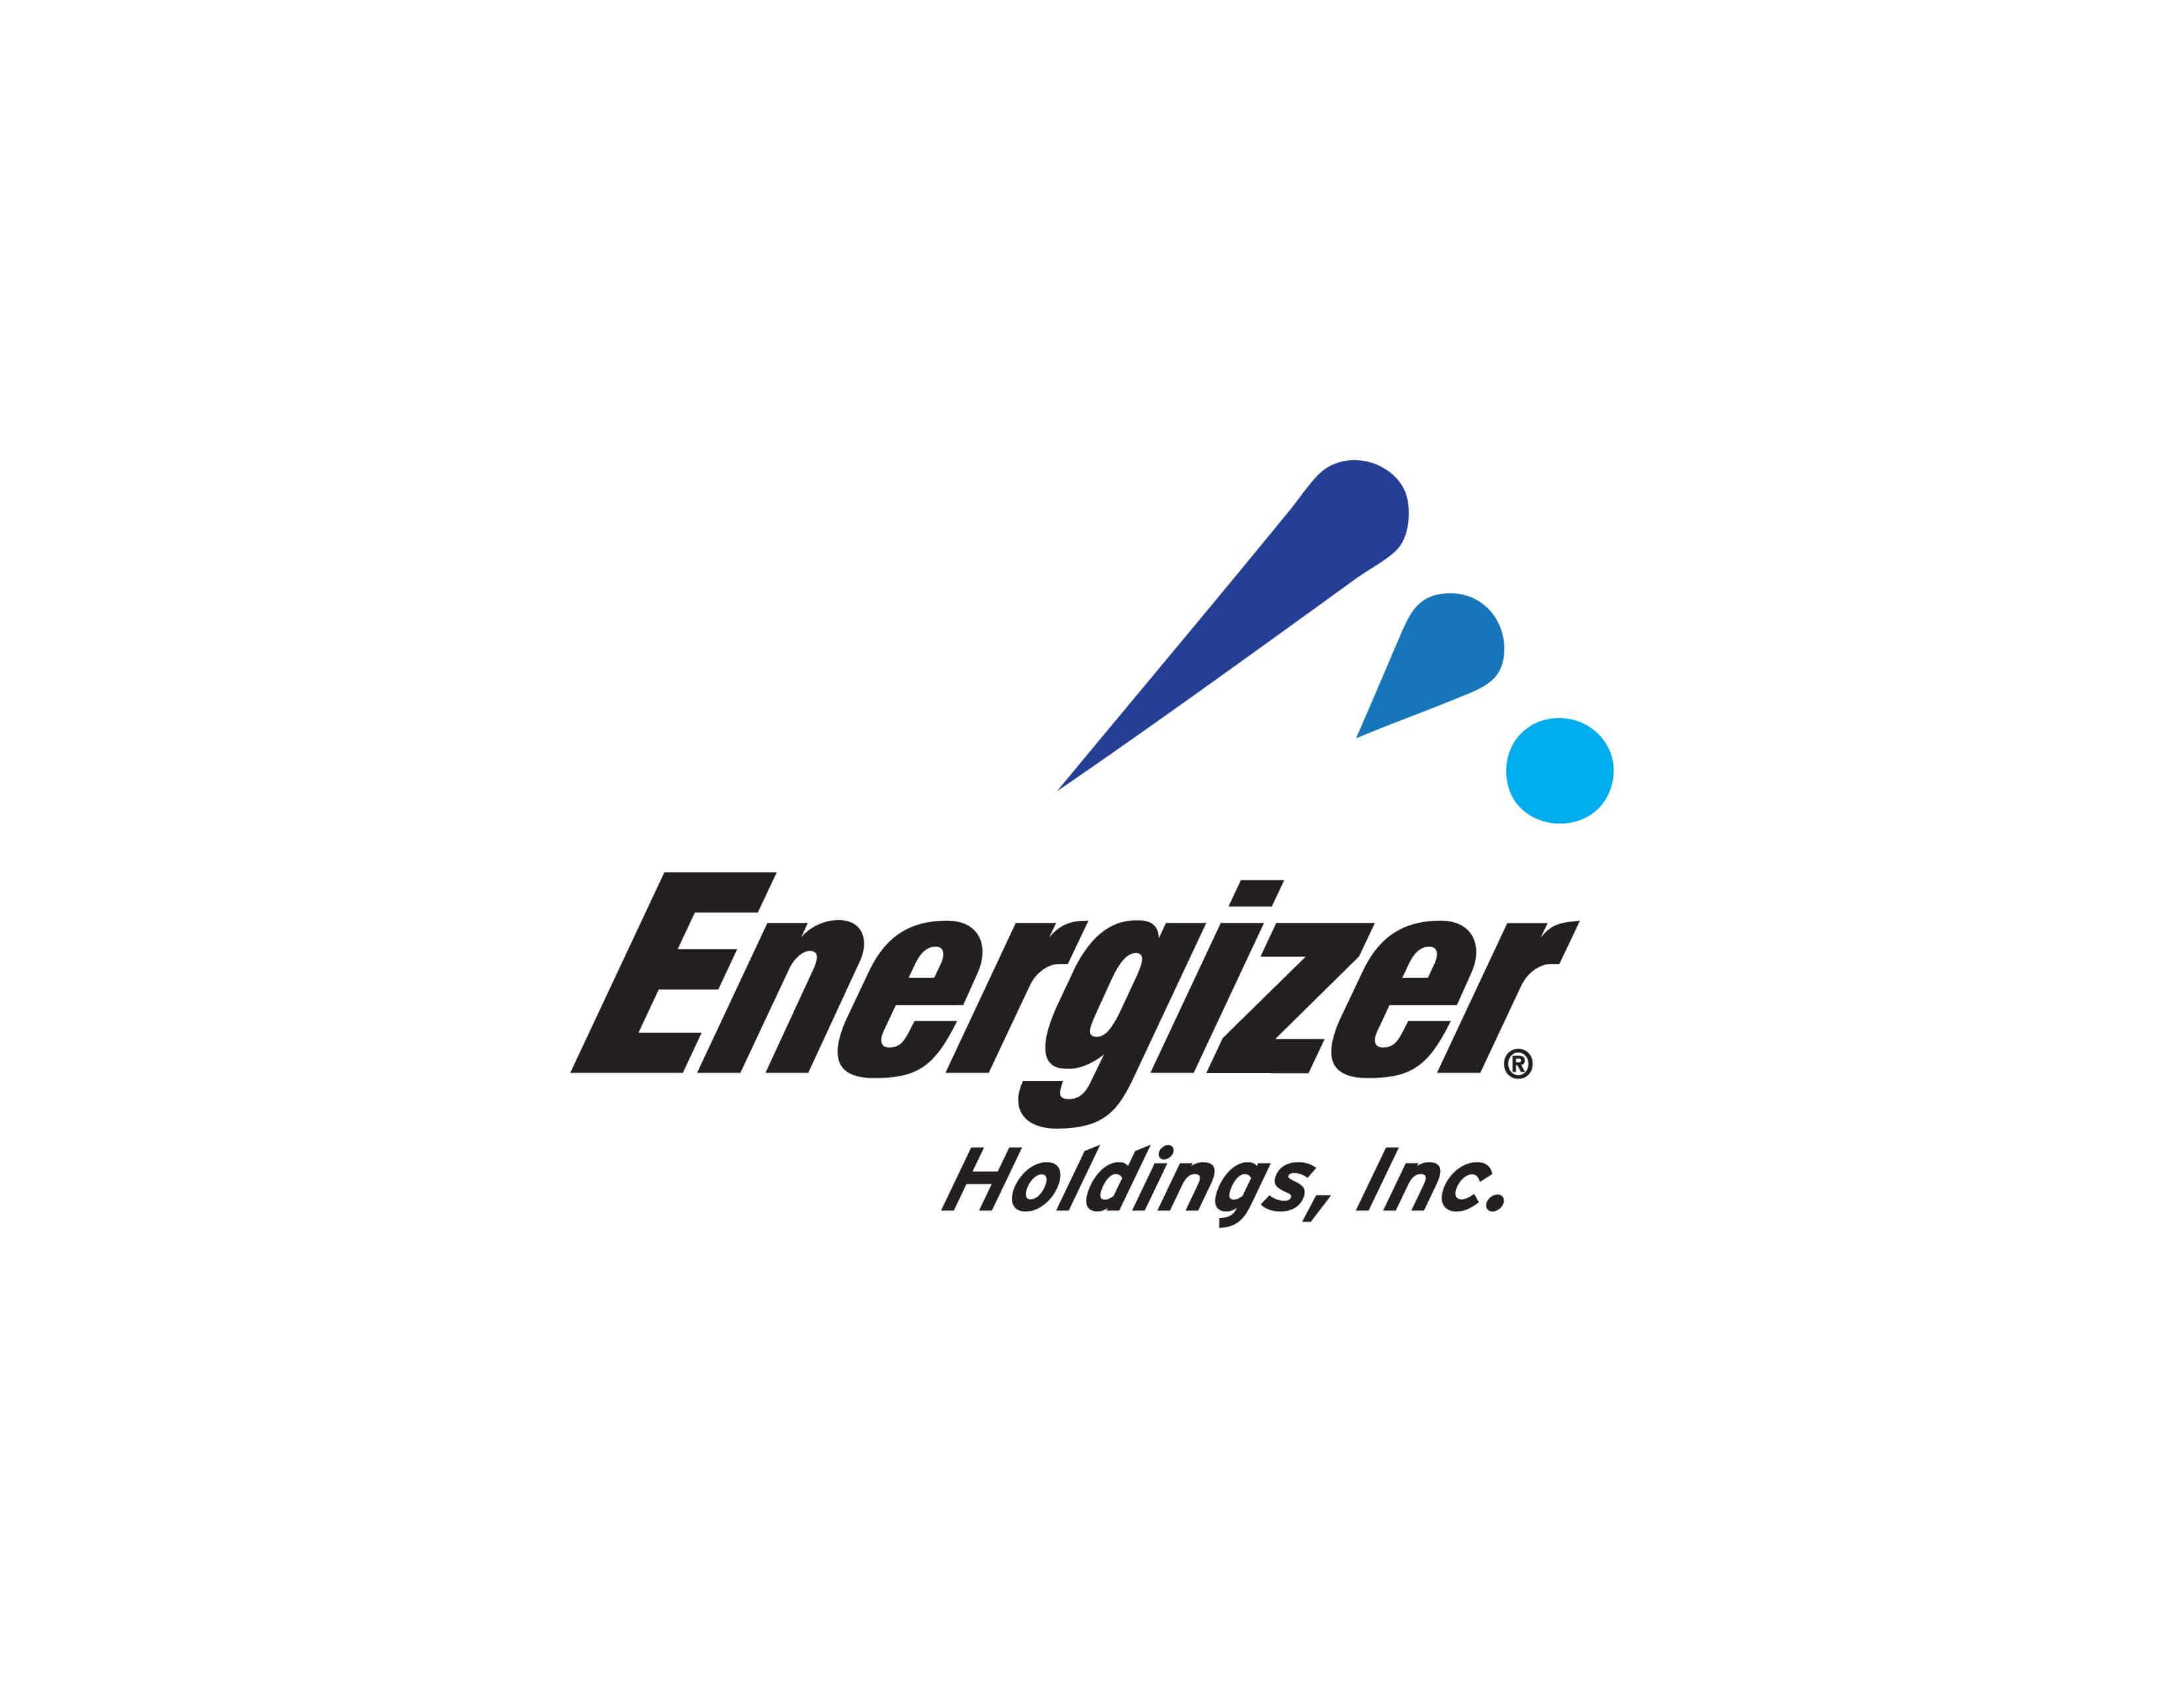 Energizer LLC